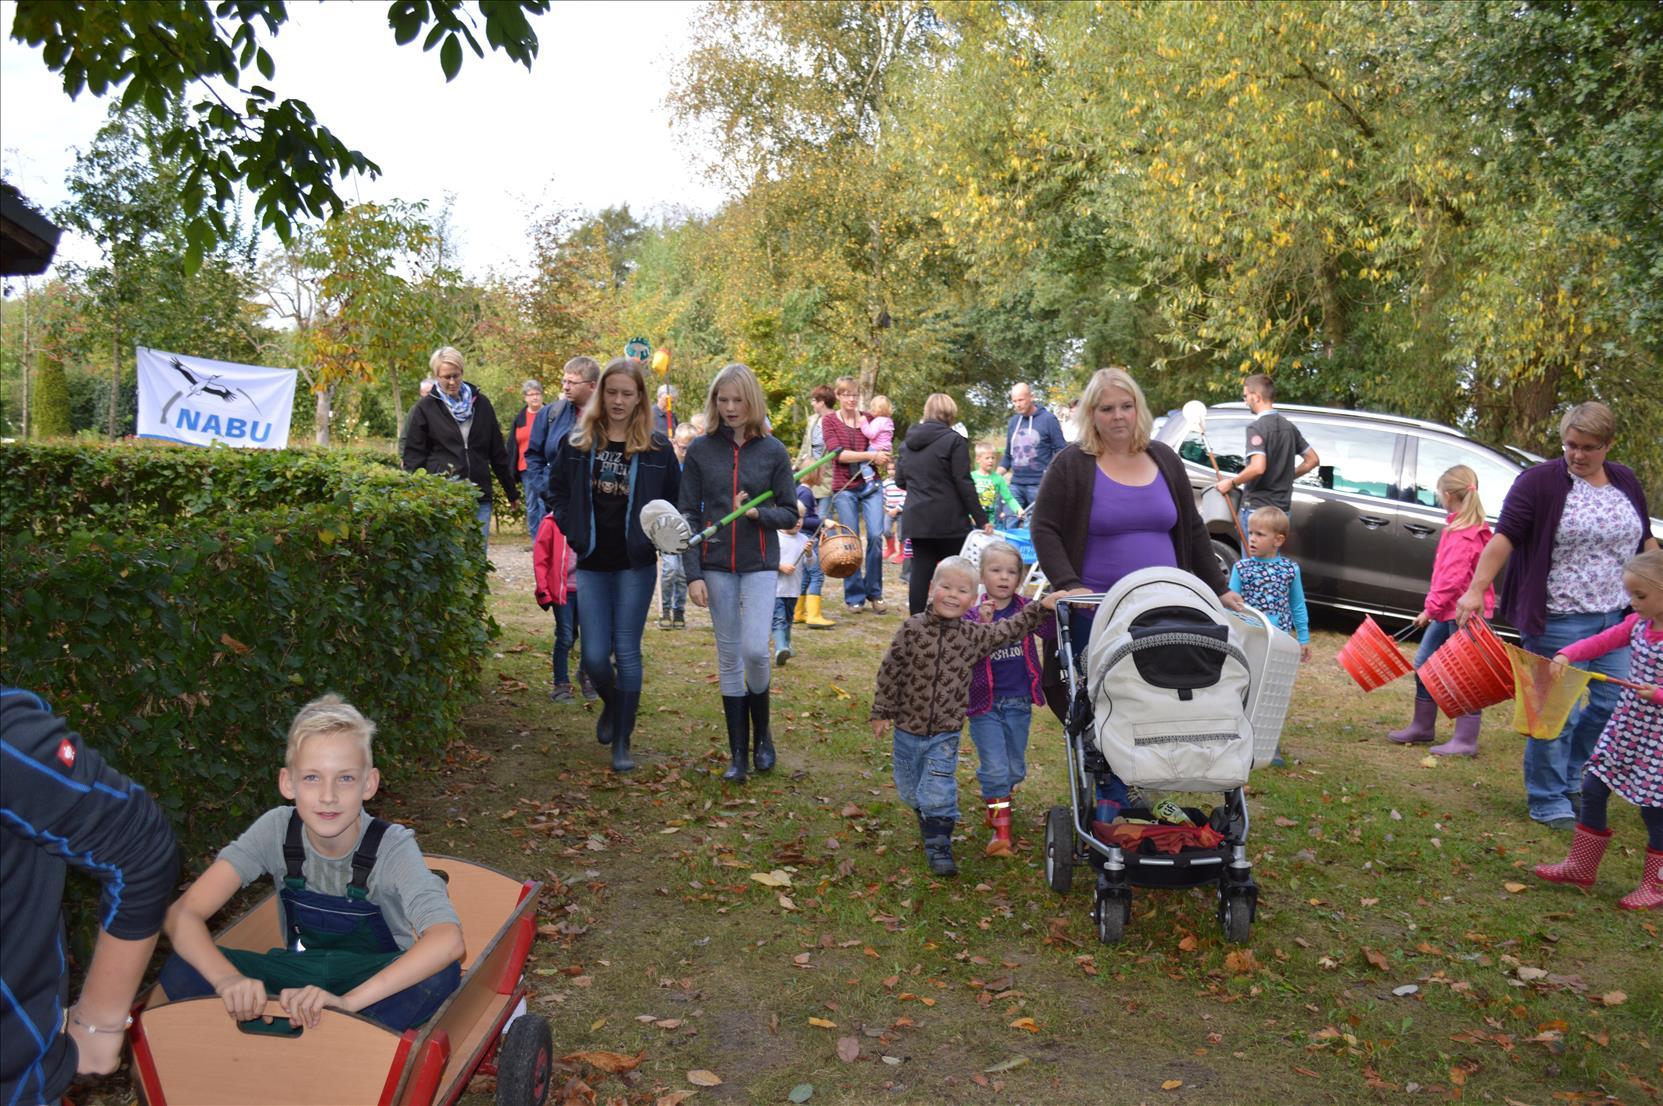 Eltern-Kind-Veranstaltung  /  Rund um den Apfel